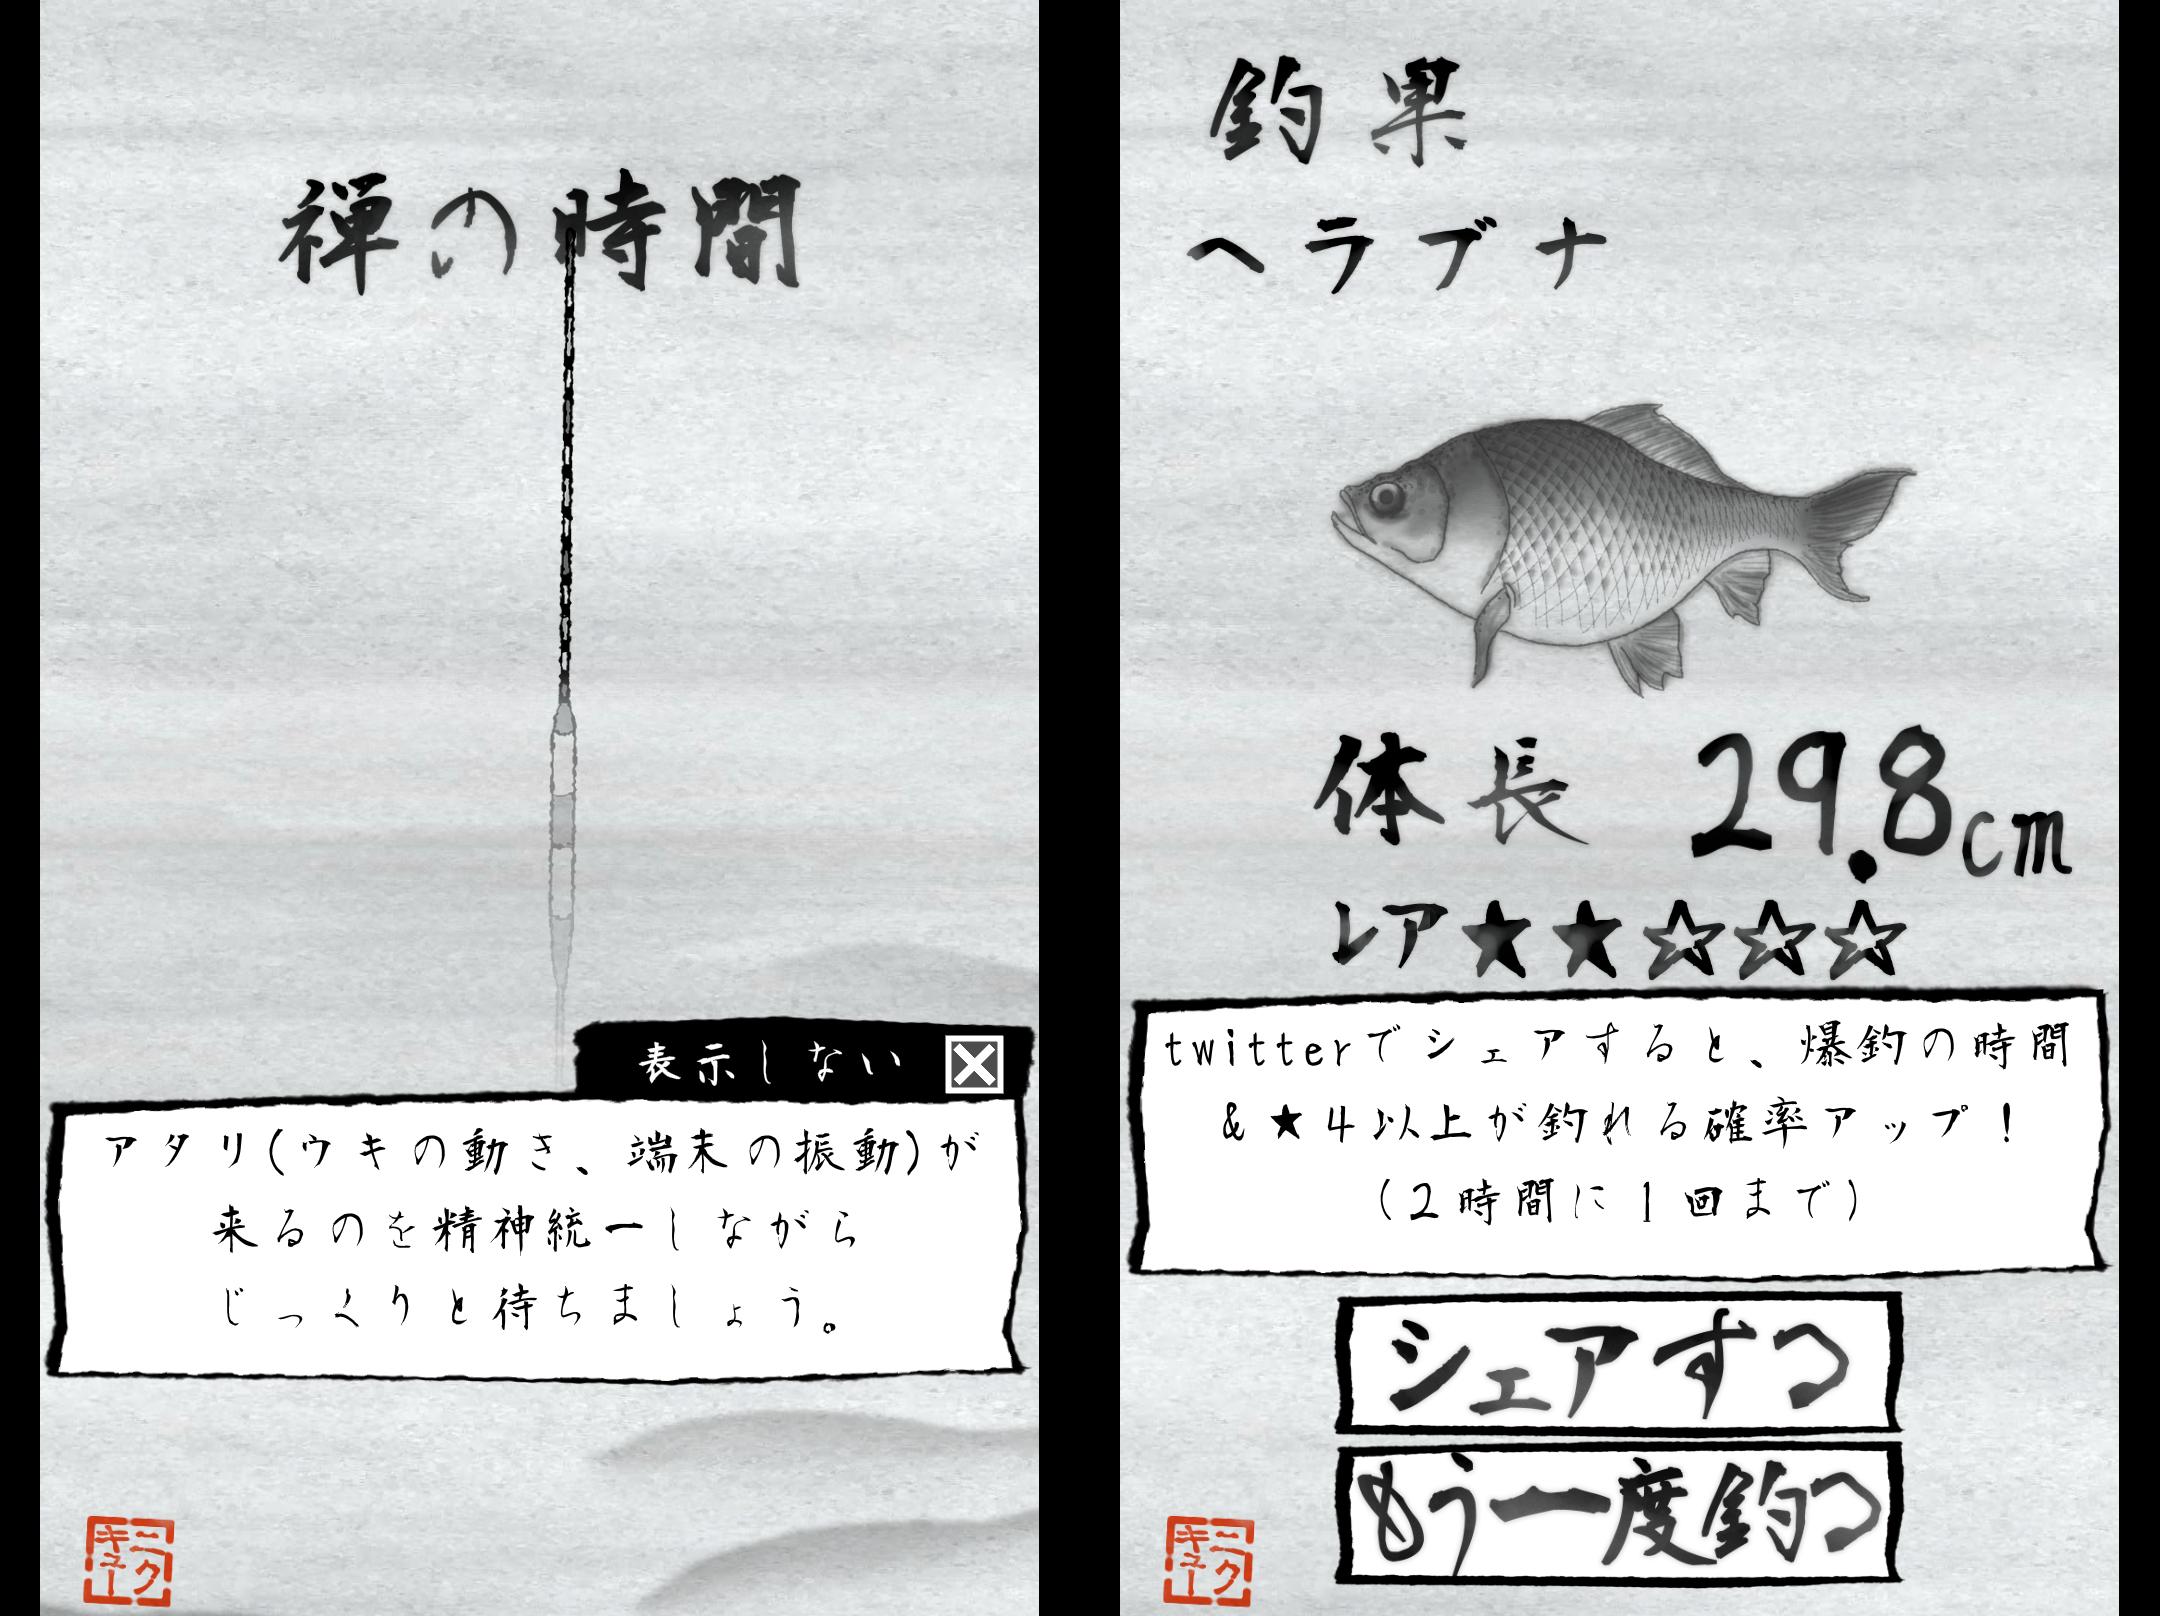 禅とヘラブナ釣りと私 androidアプリスクリーンショット1